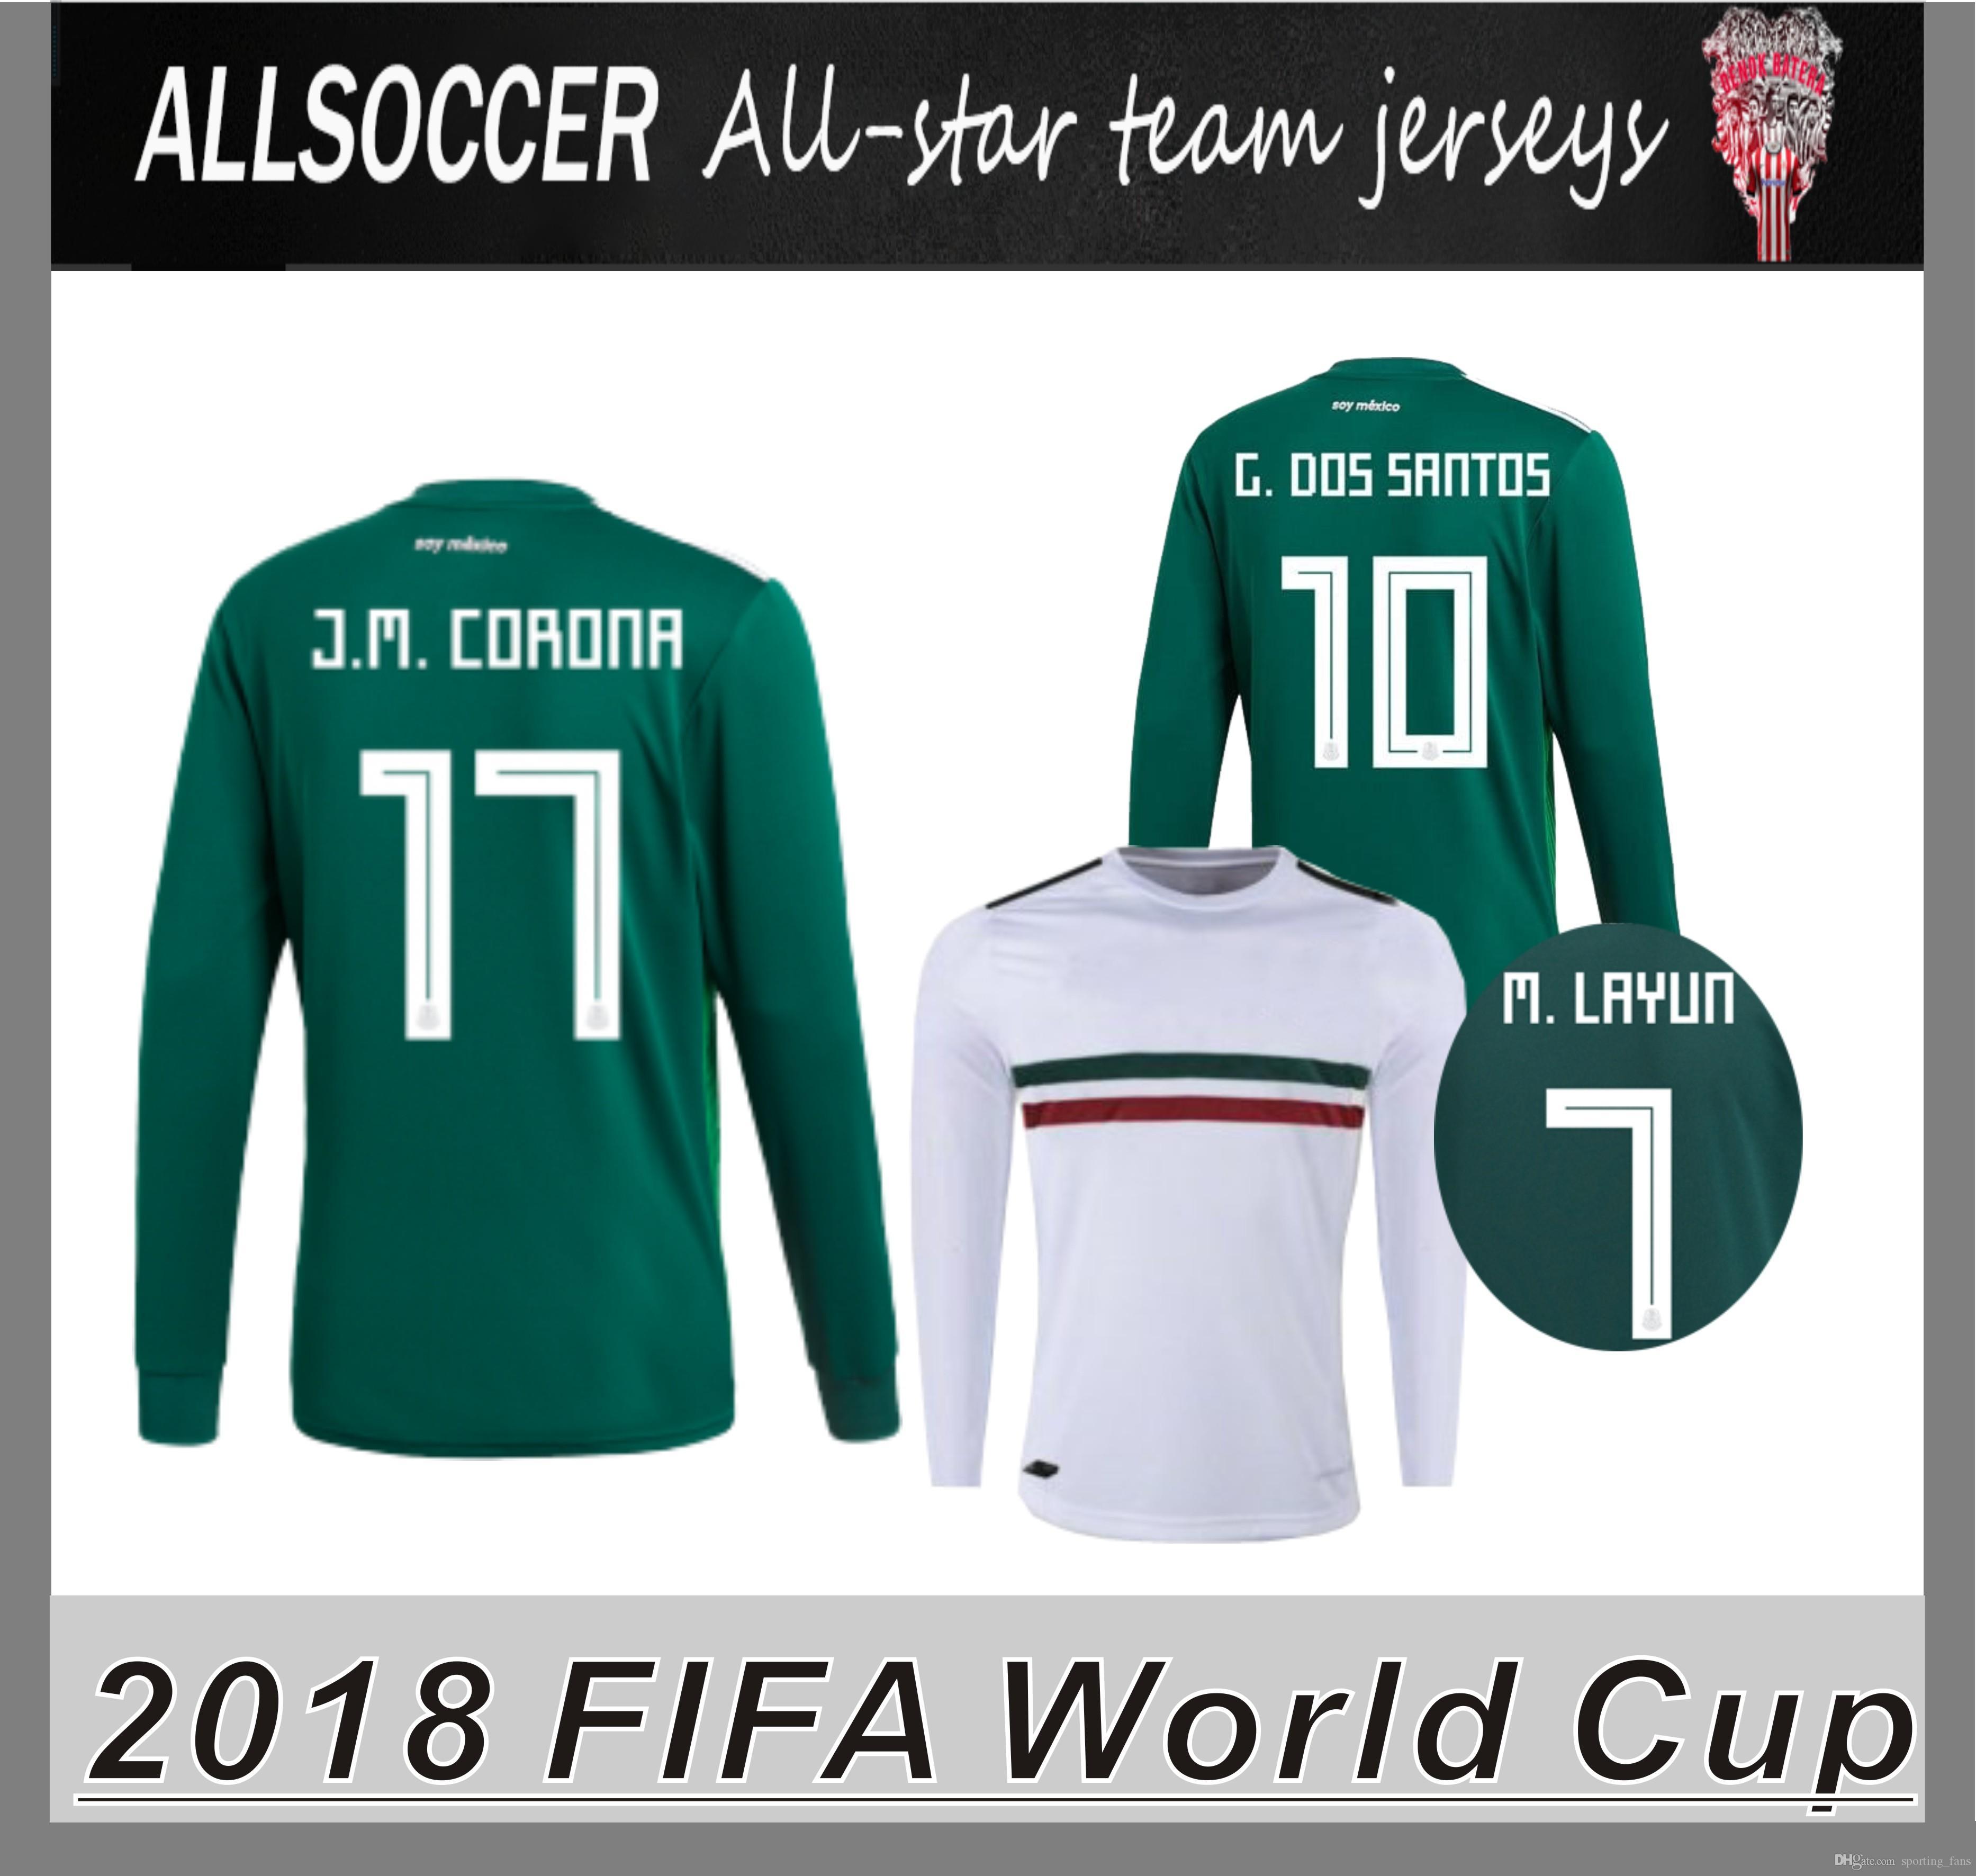 35794cfcf04 2019 2018 World Cup Mexico JERSEYS Long Sleeve Tshirts Chicharito Miguel  Layun Hector Herrera Giovani Dos Santos Carlos Vela From Sporting fans